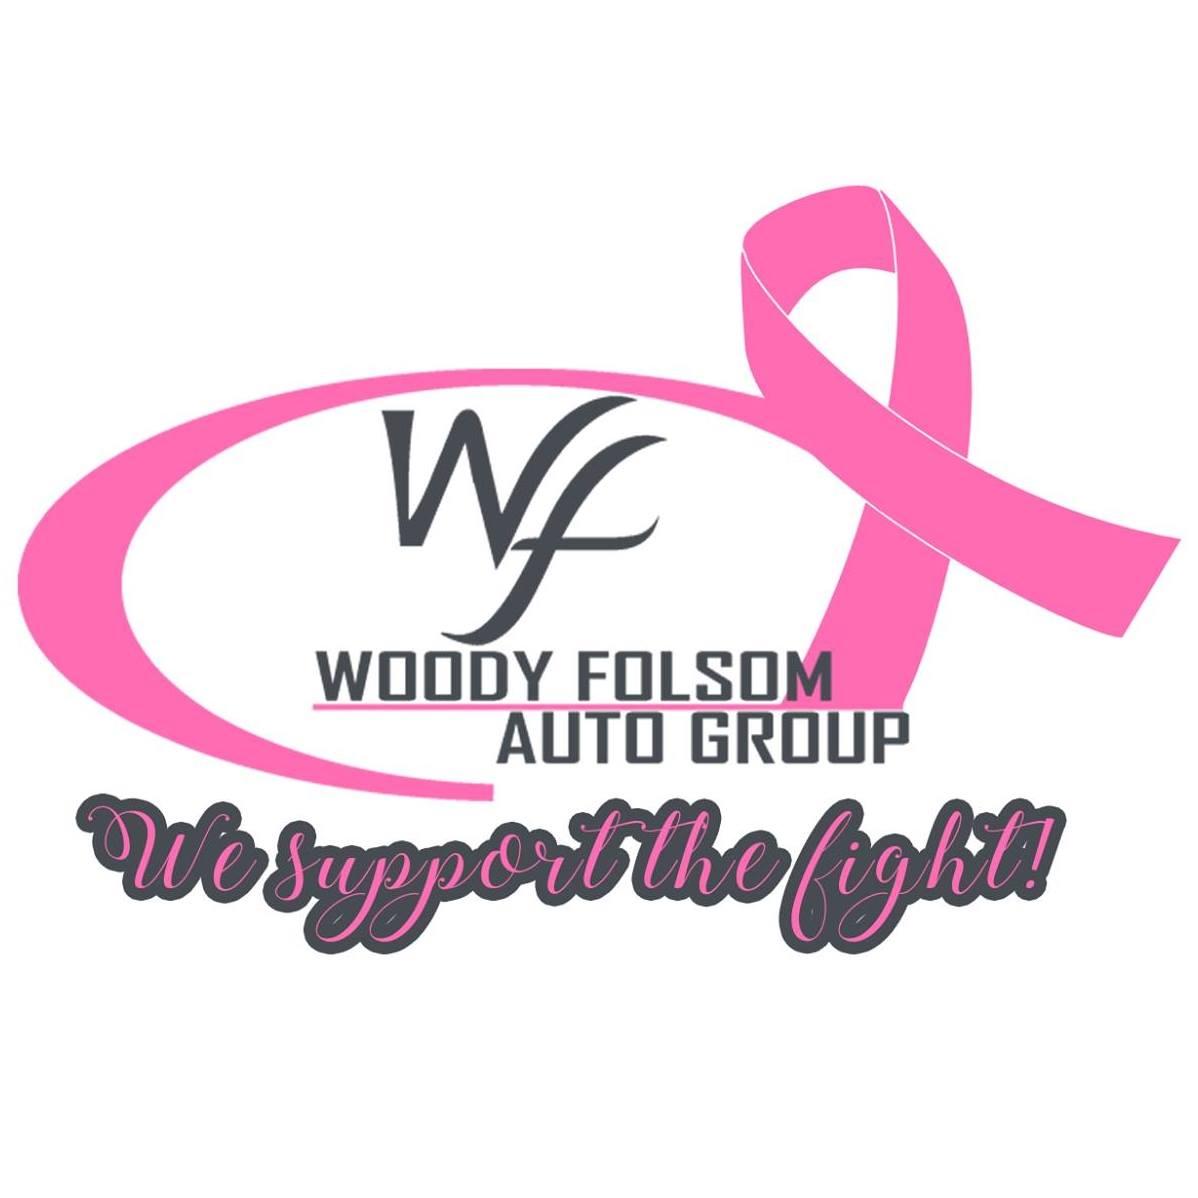 Woody Folsom Ford Baxley Ga >> Woody Folsom Ford, Inc. - Automotive - Savannah - Baxley